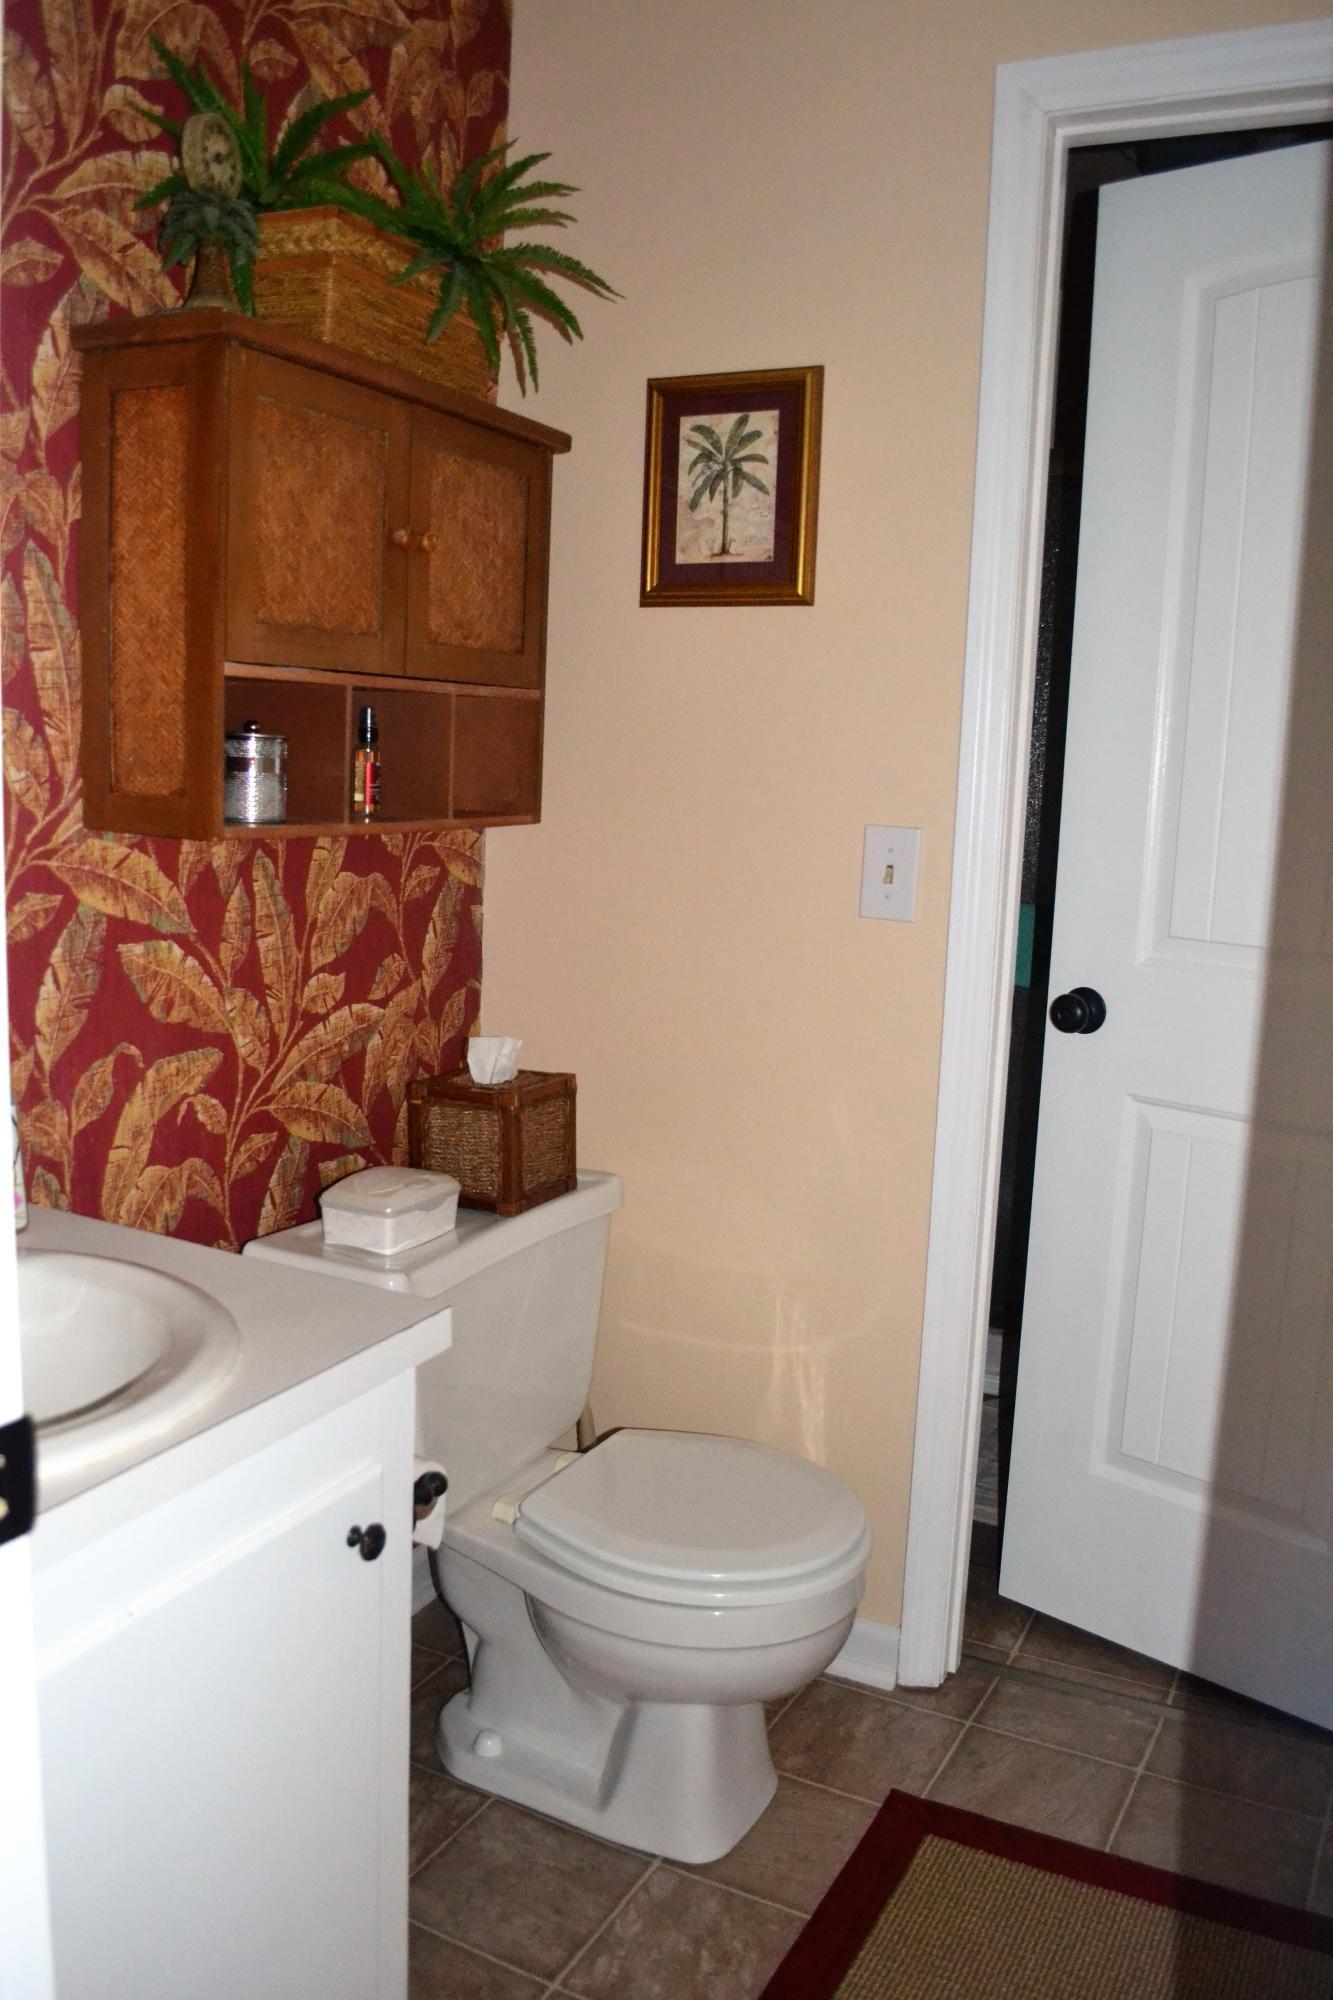 Myrtle Acres Homes For Sale - 956 Myrtle, Mount Pleasant, SC - 13